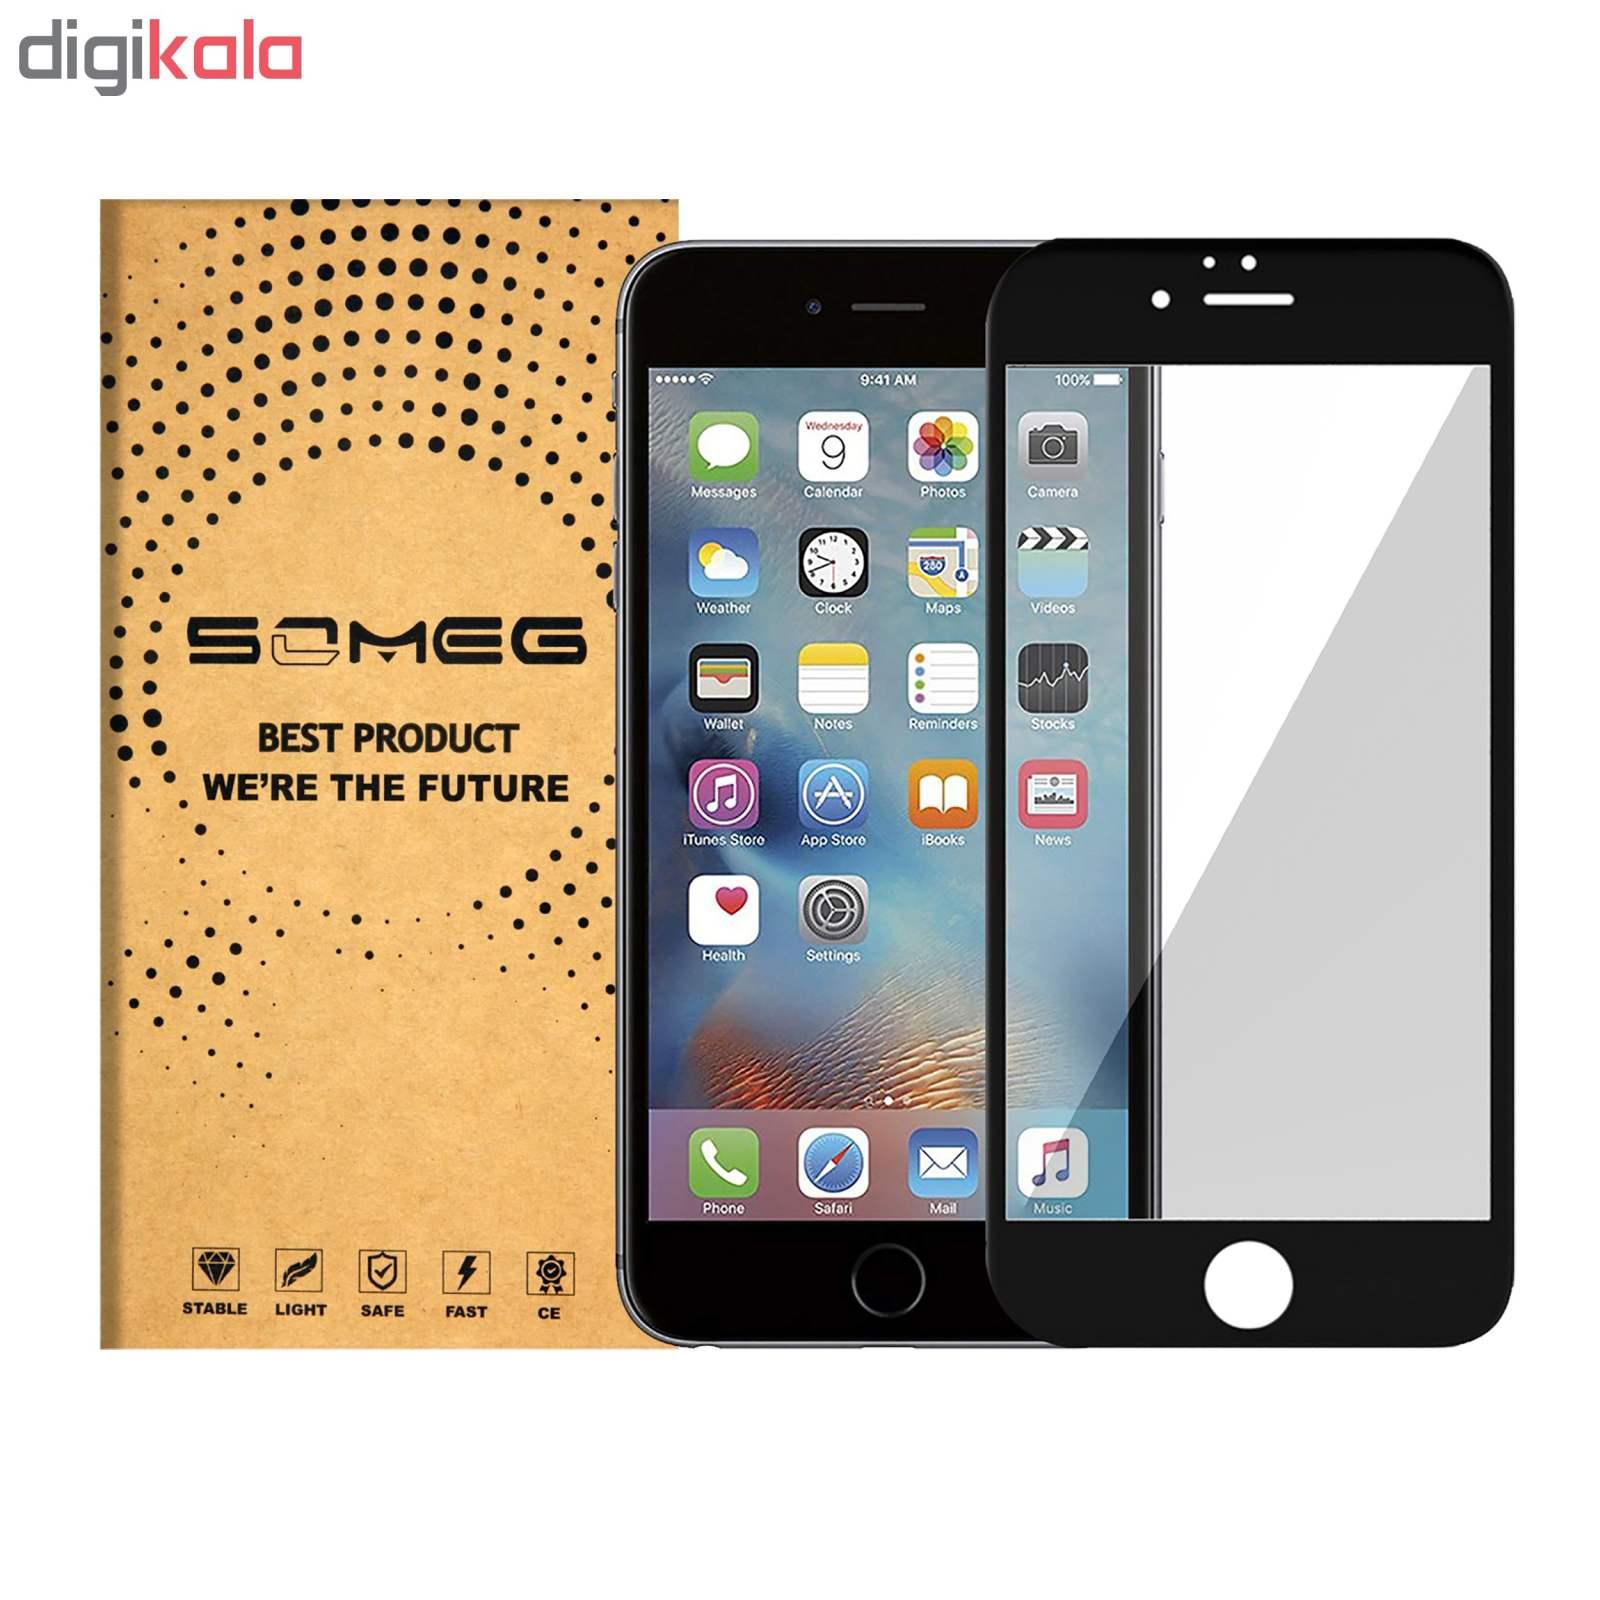 محافظ صفحه نمایش سومگ مدل 9-Nitro مناسب برای گوشی موبایل اپل Iphone 6s Plus  main 1 1